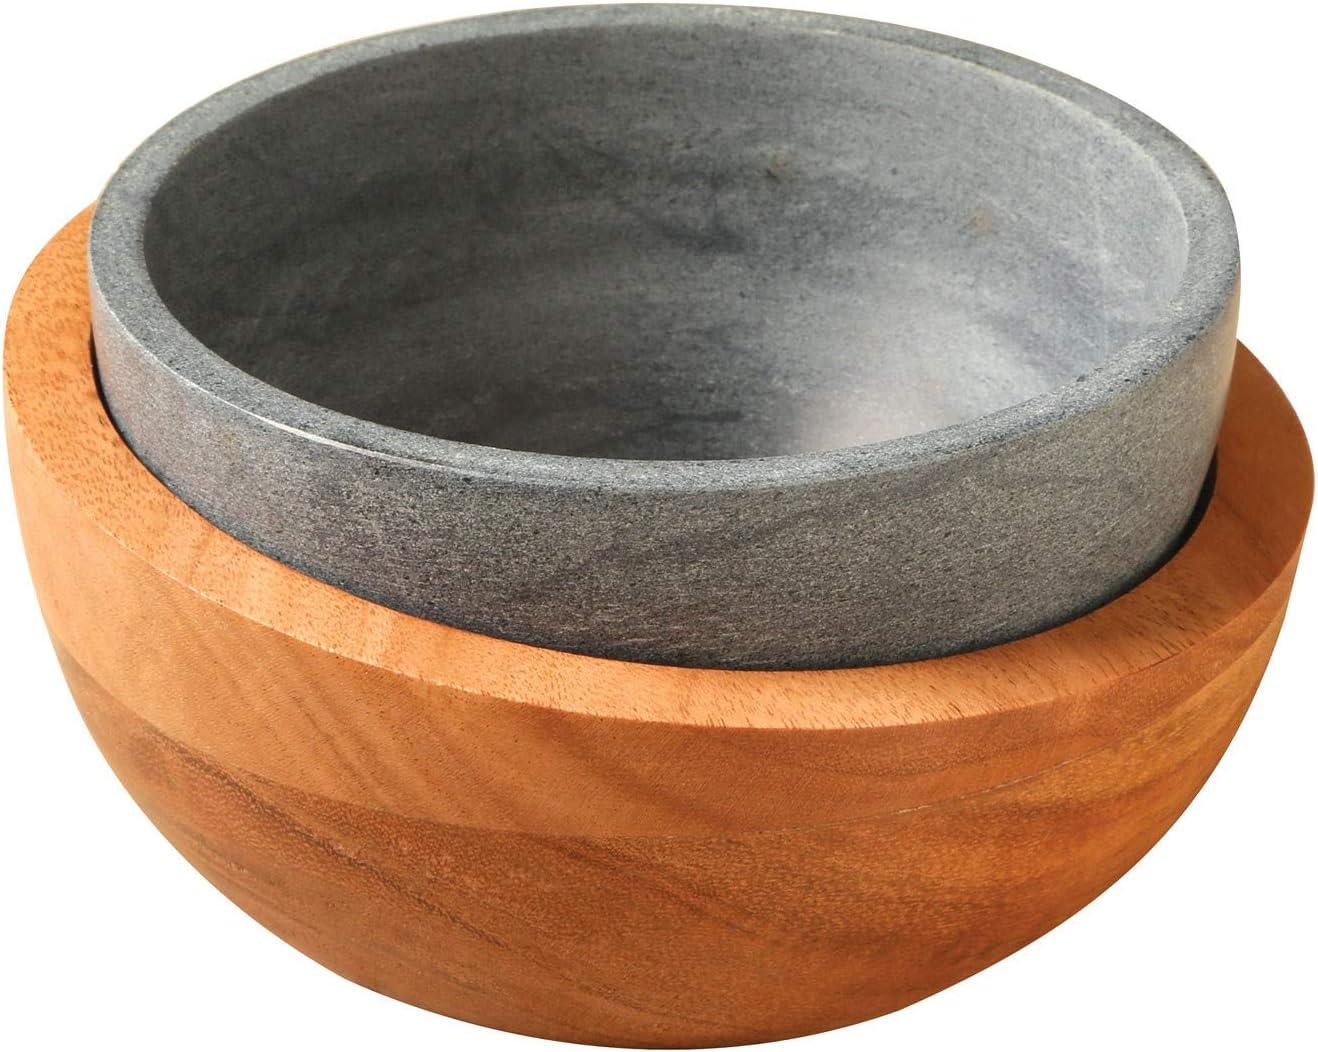 Soapstone & Wood Ice Cream Bowl Set - Freezable Stone Bowl, Insulating Wood Bowl